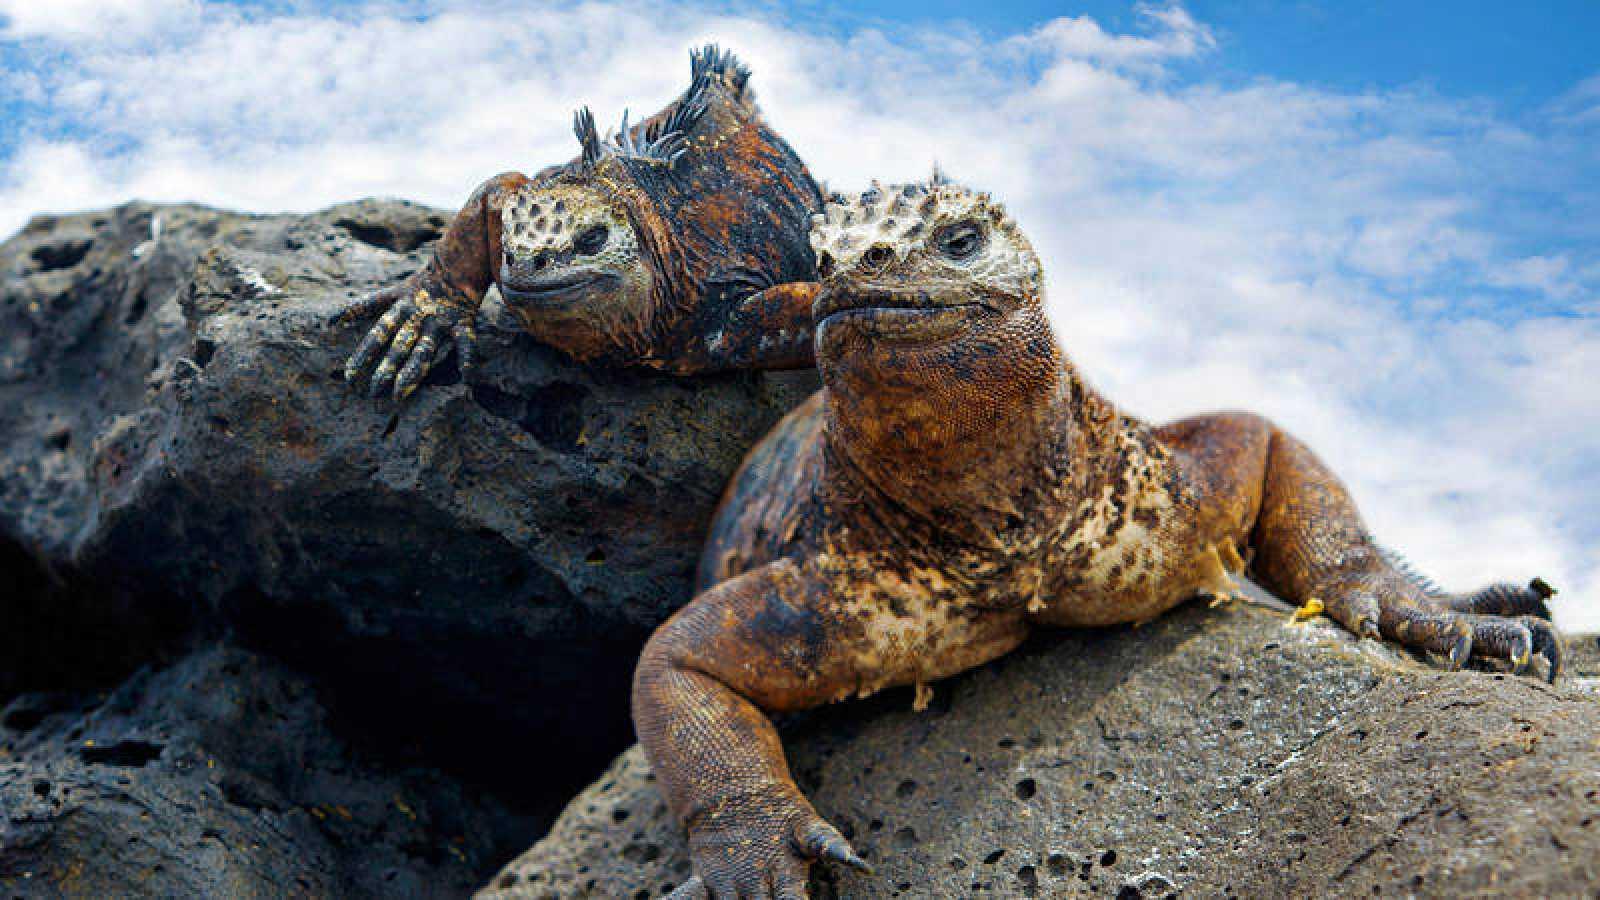 Las islas Galápagos representan uno de los lugares biológicamente más diversos del mundo.